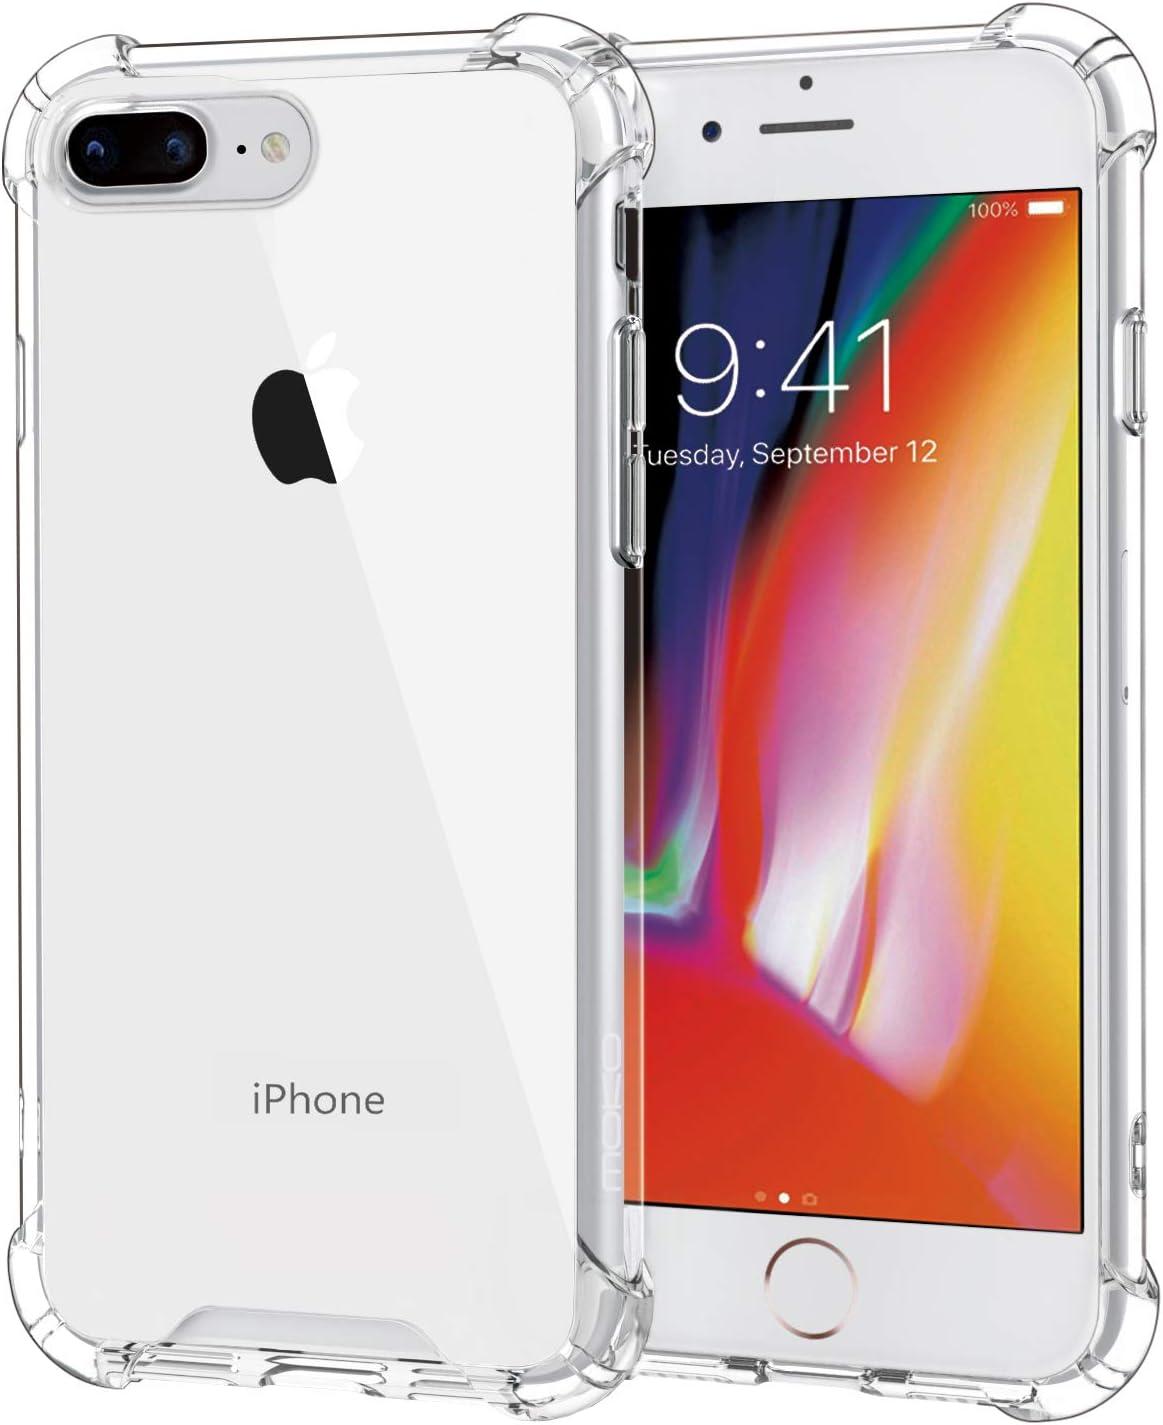 cover iphone 7 apple amazon